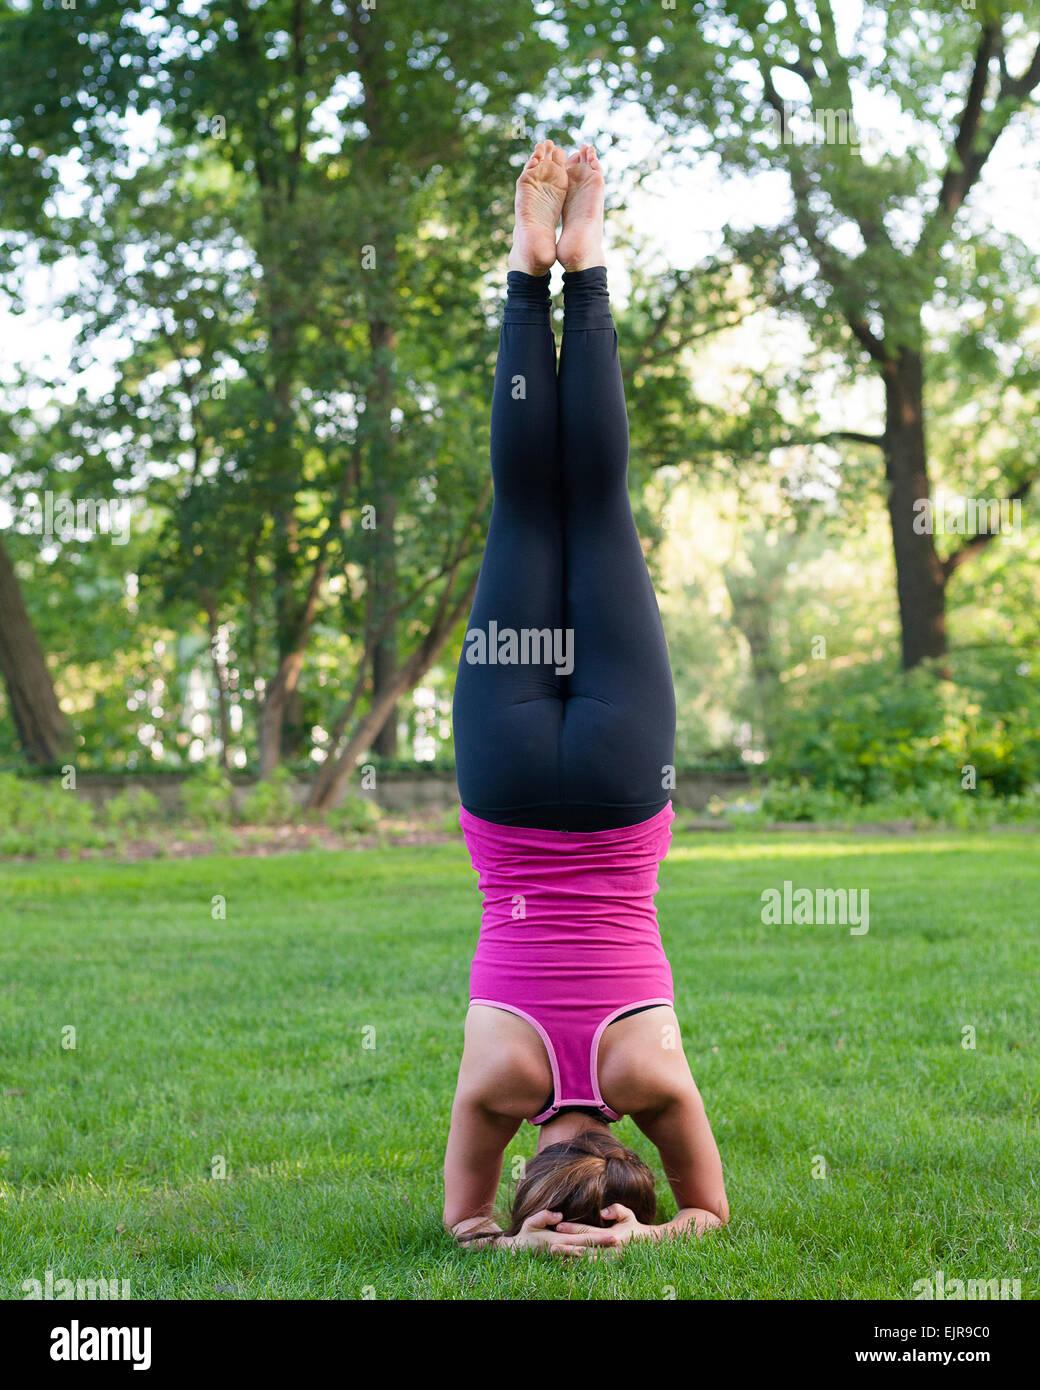 La donna caucasica la pratica dello yoga in posizione di parcheggio Immagini Stock